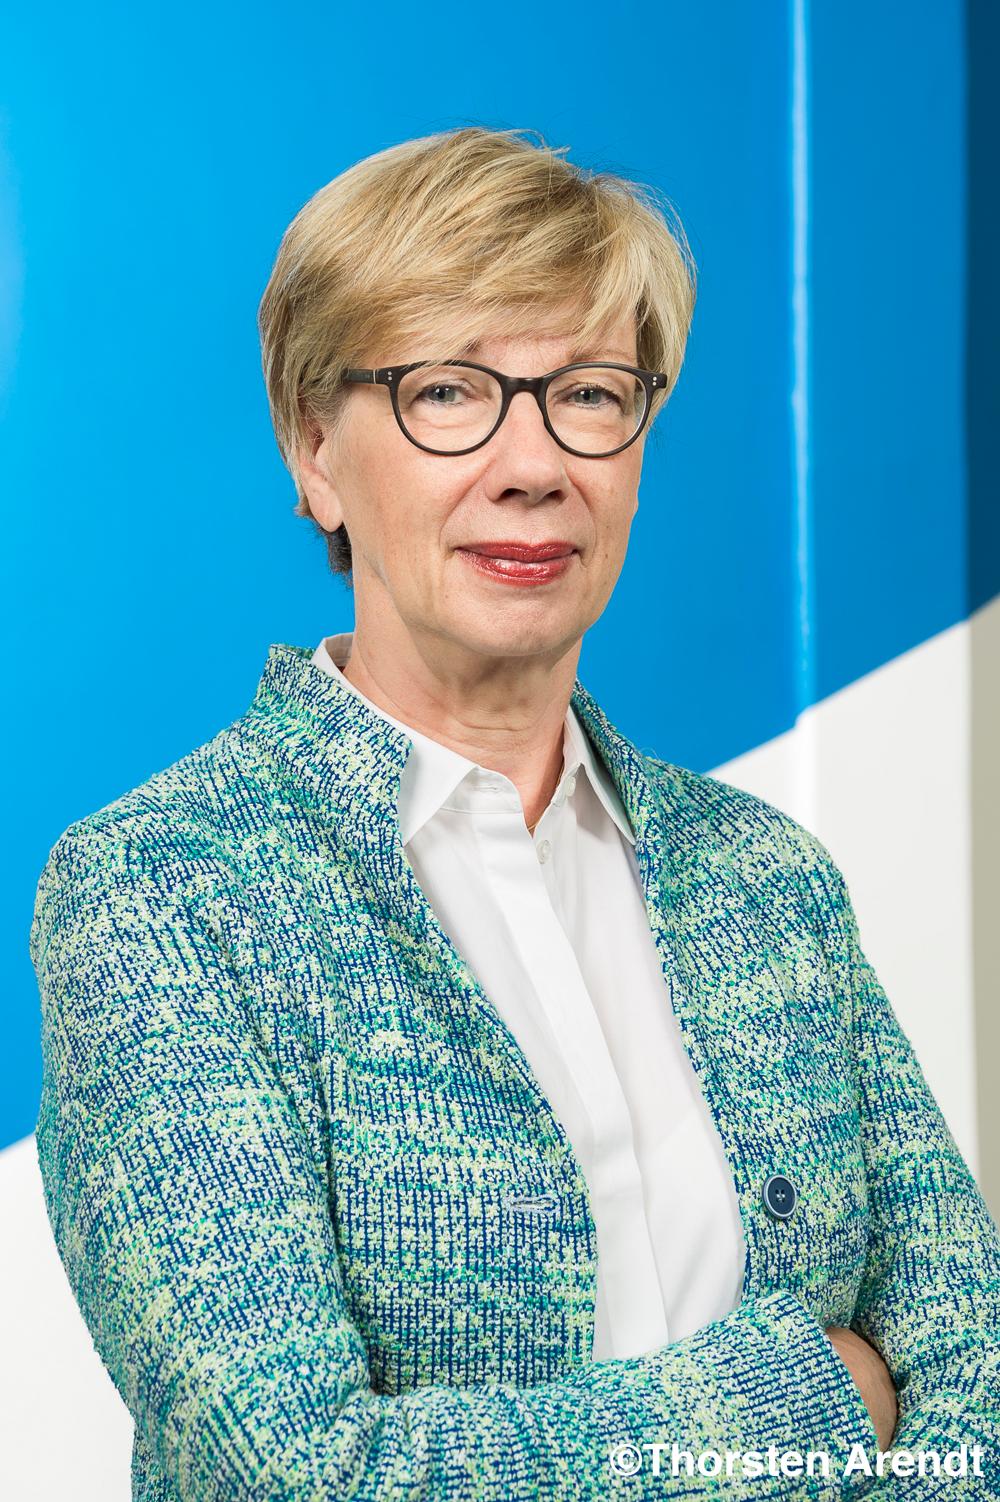 Prof. Dr. Ute von Lojewski | Stellvertretende Vorsitzende